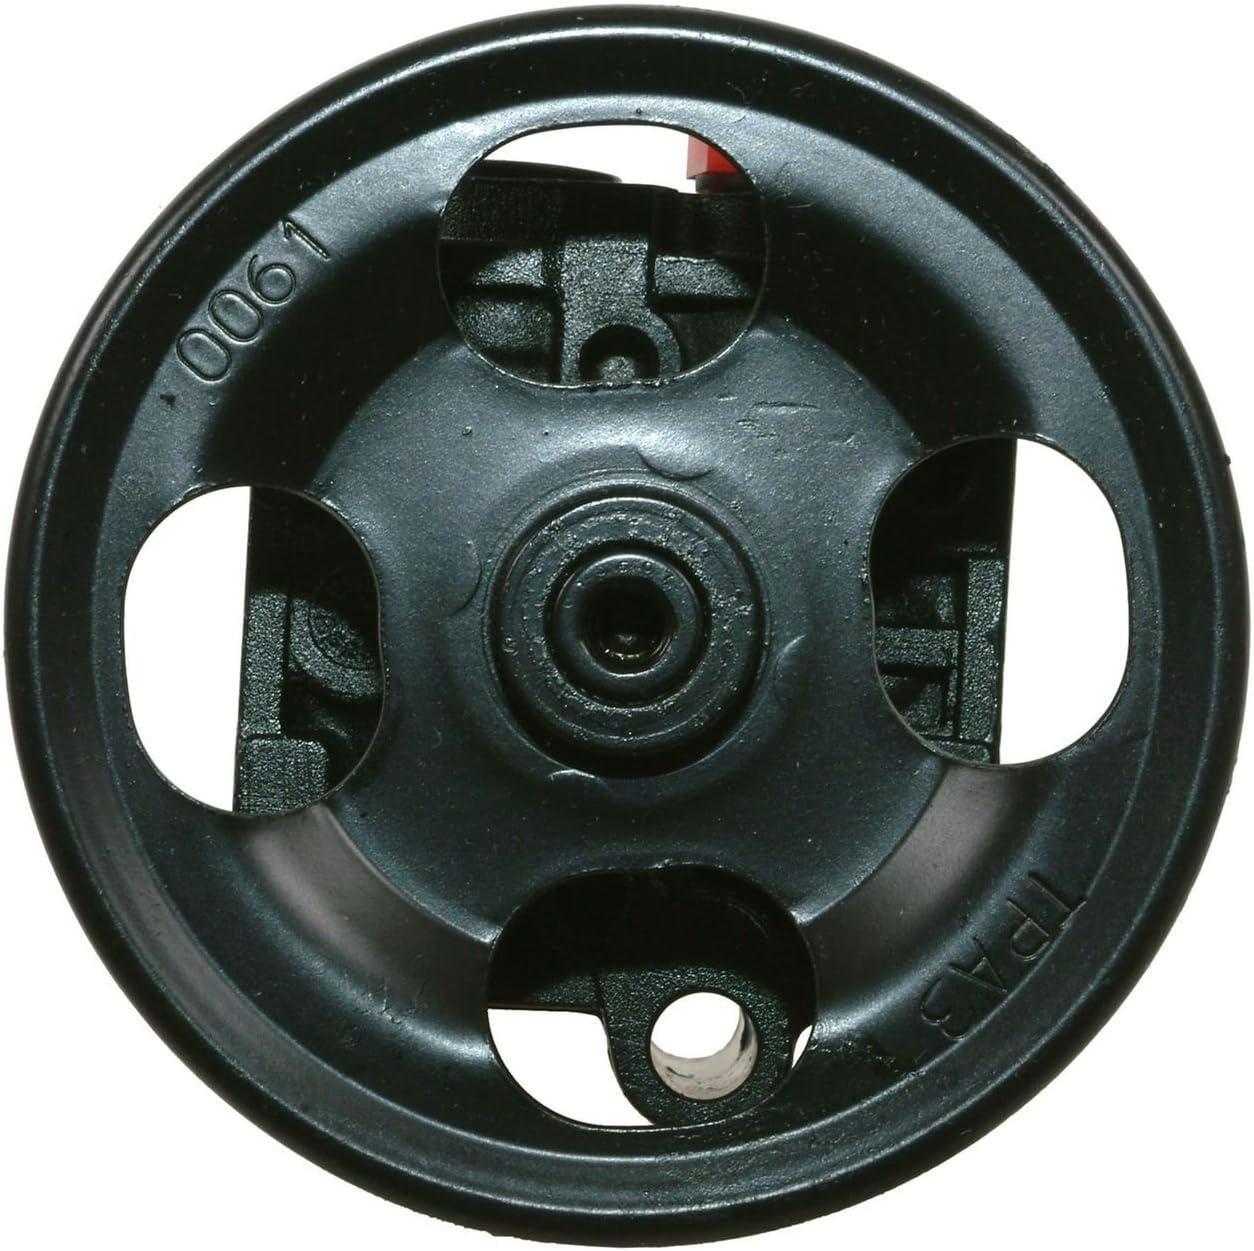 Cardone Industries 21-5254 Steering Pump 2021 new Power Sale